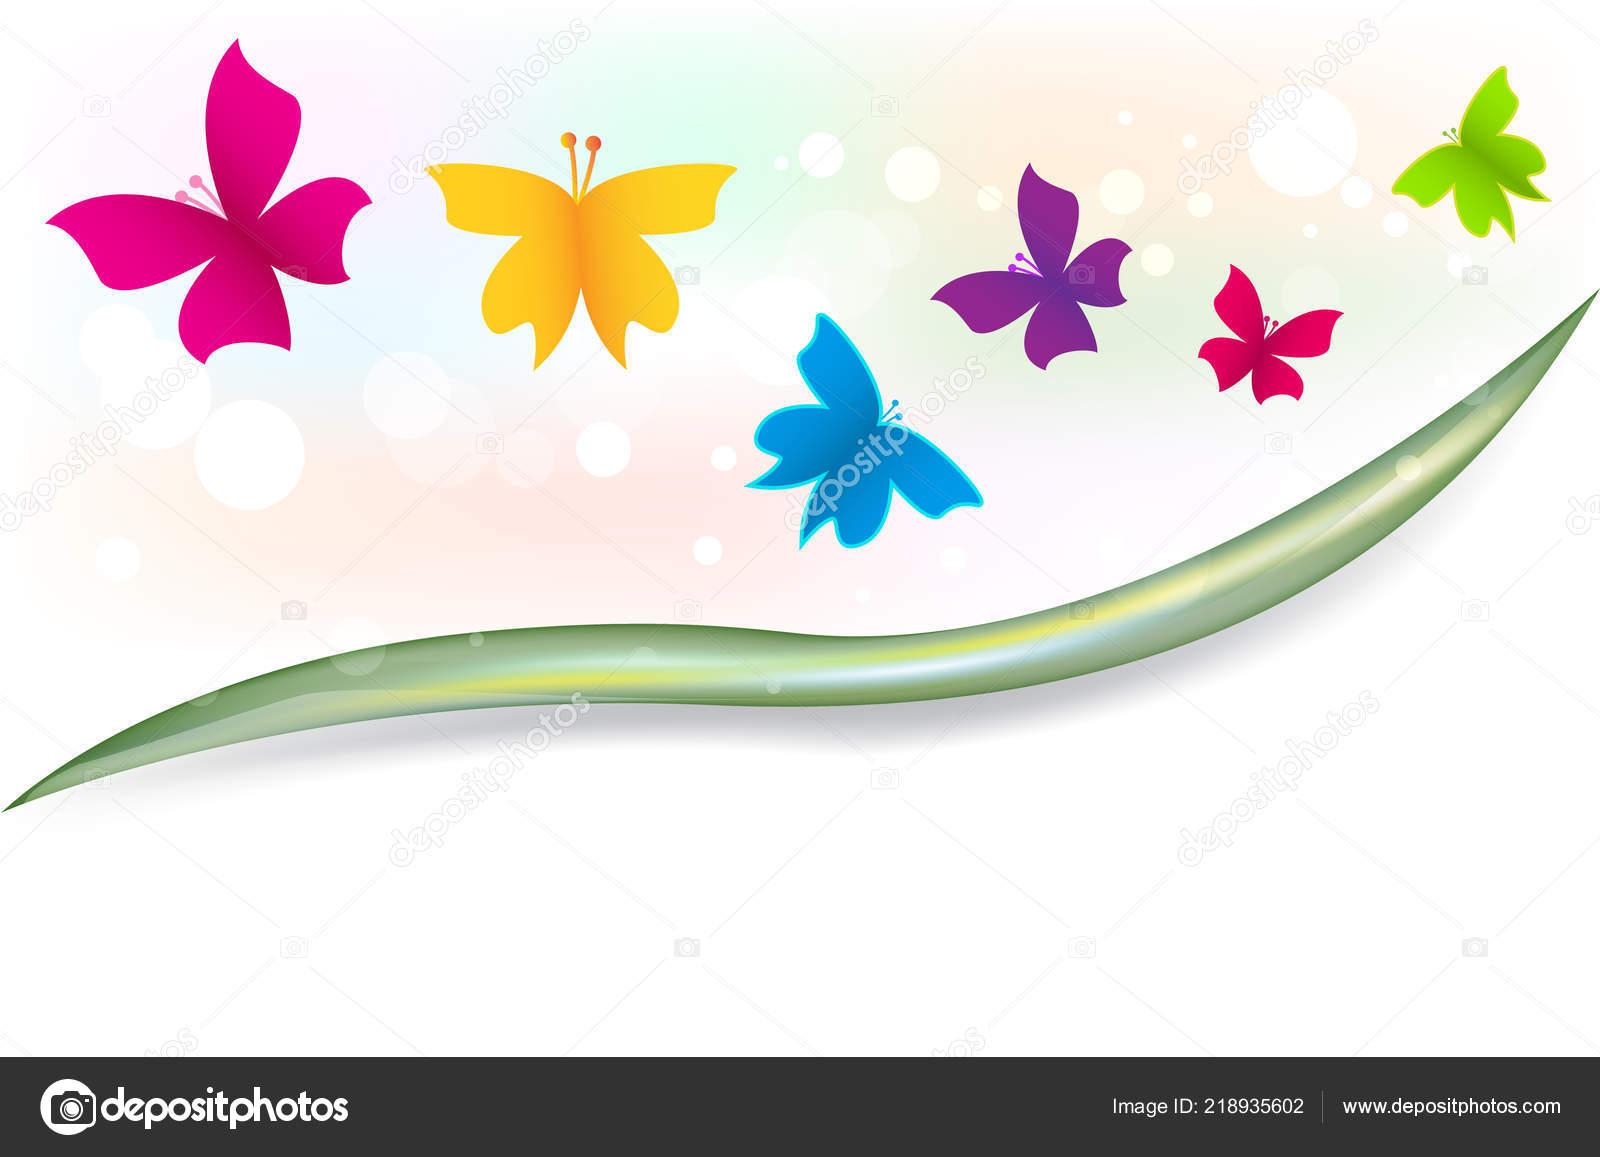 Image Vecteur Pour Modele Couverture Jardin Papillons